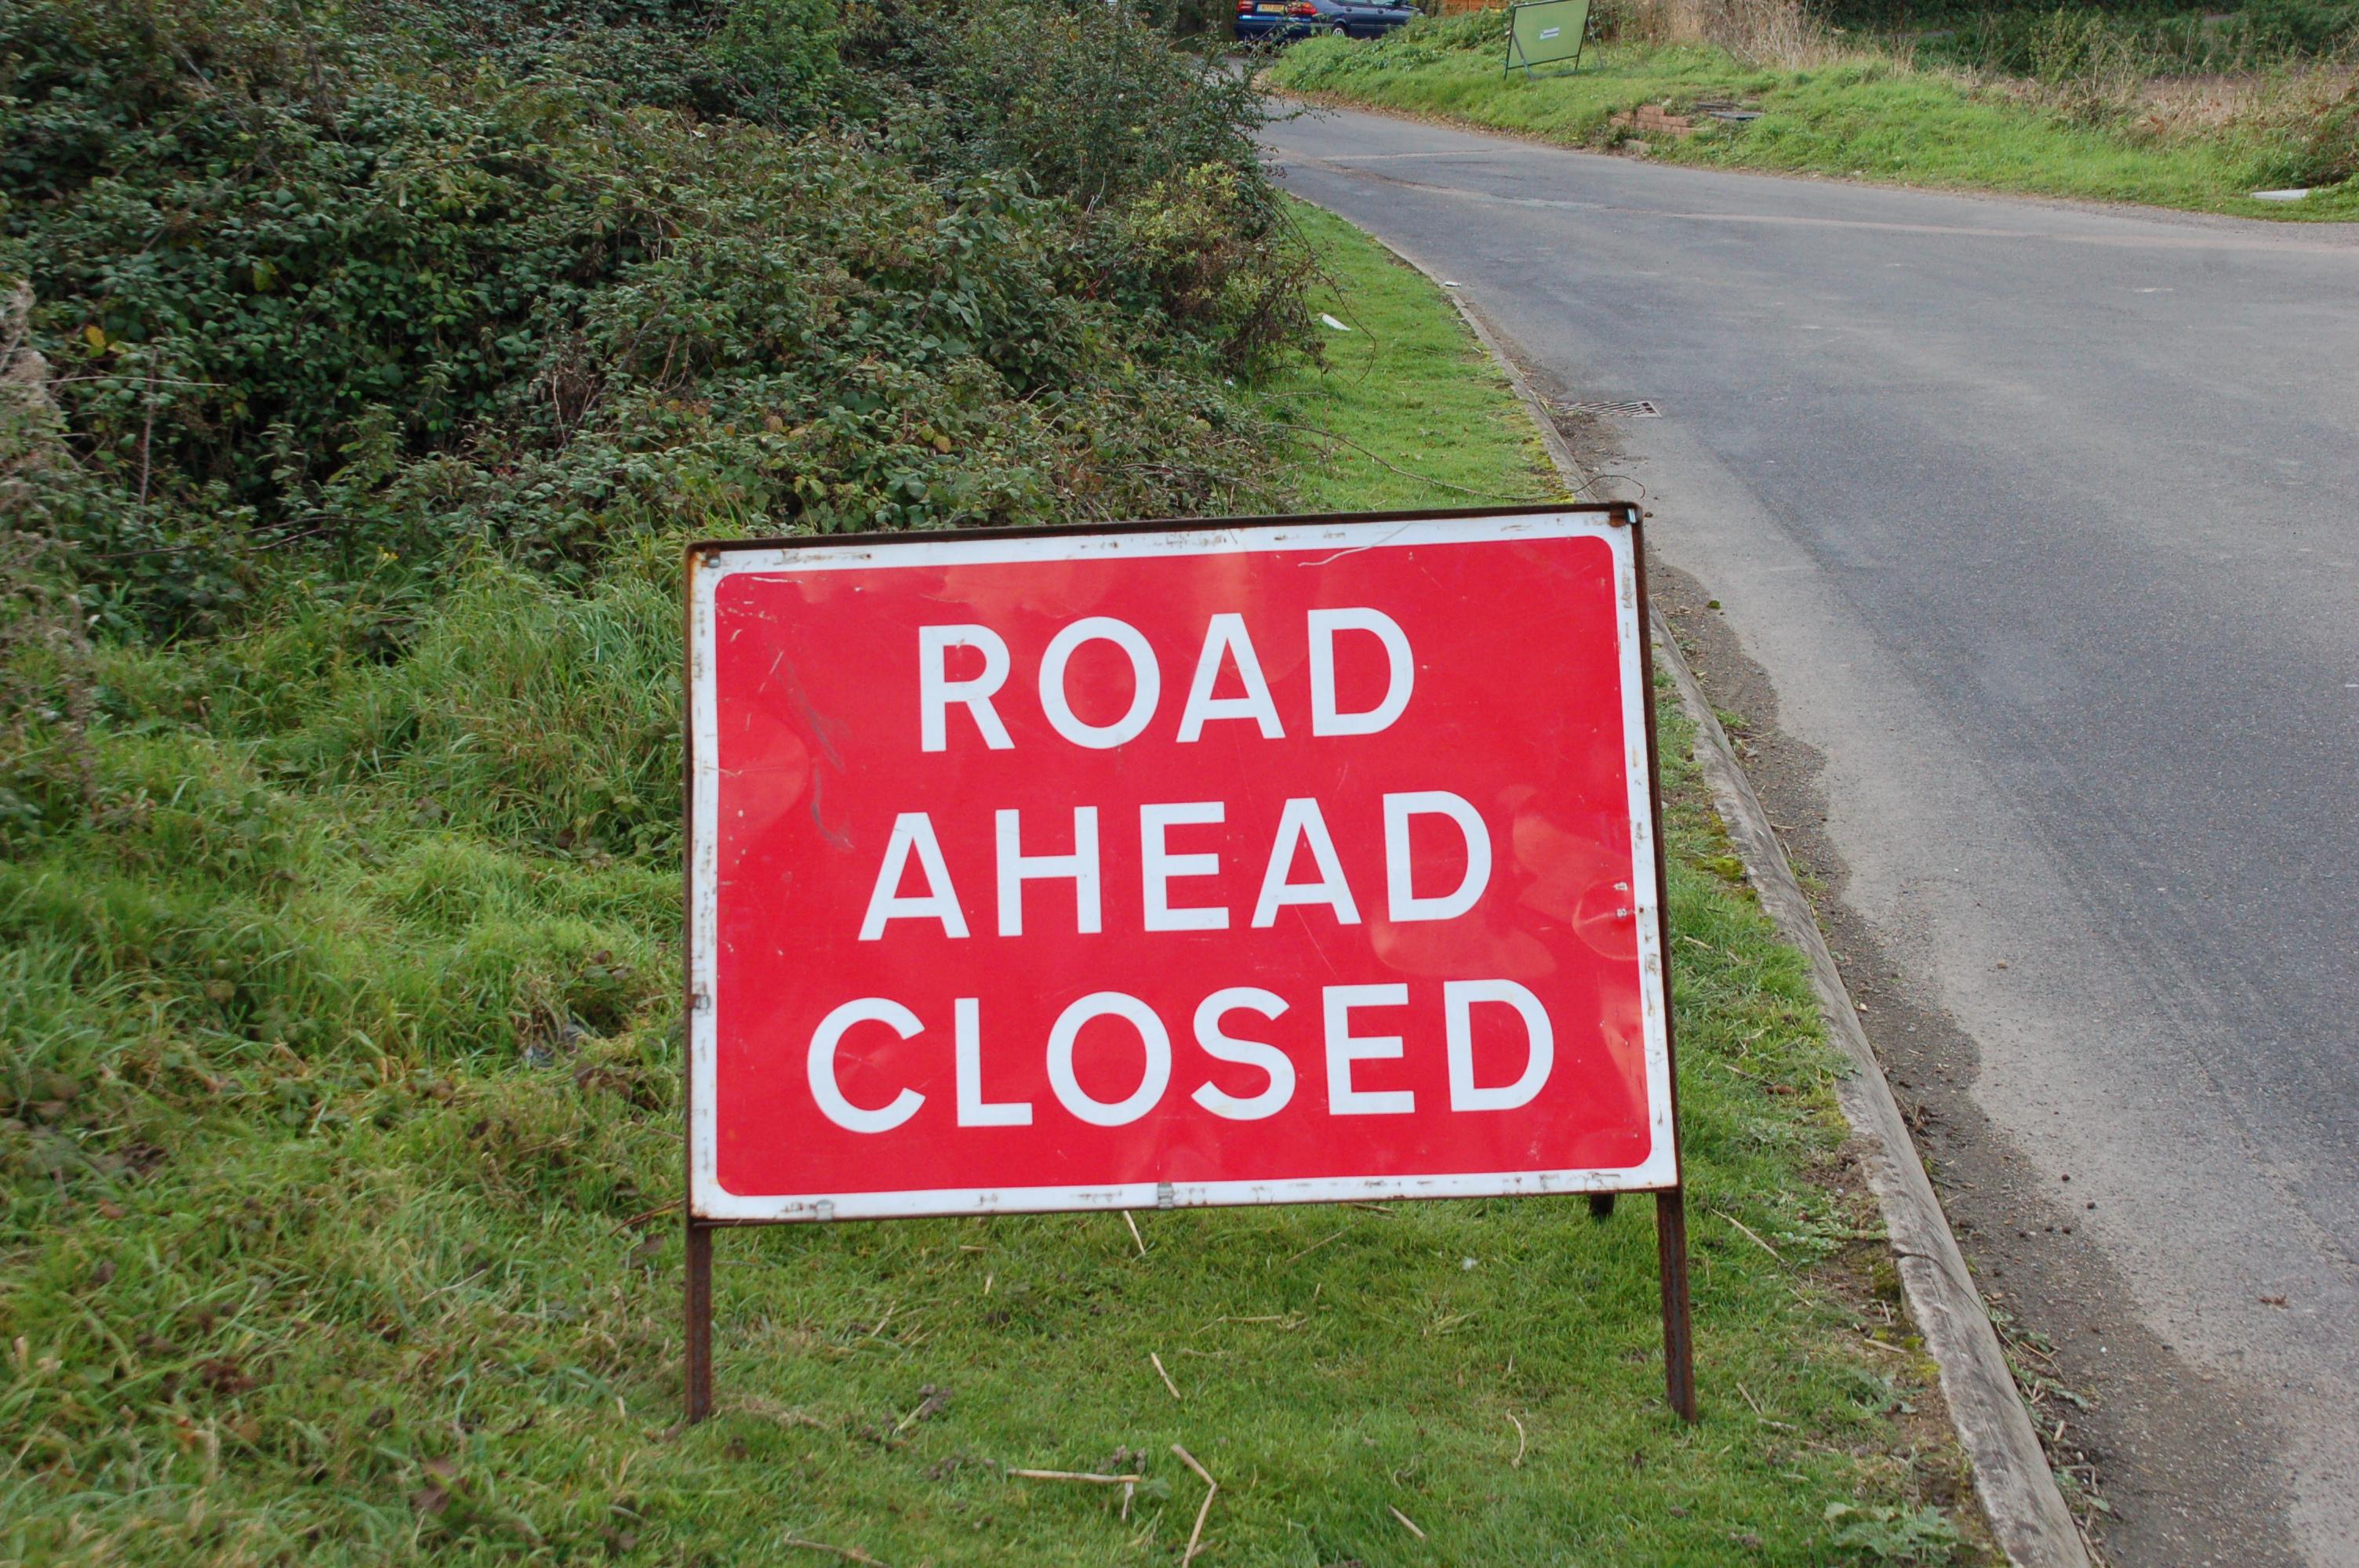 KCC Highways is closing Tonbridge Road in Pembury